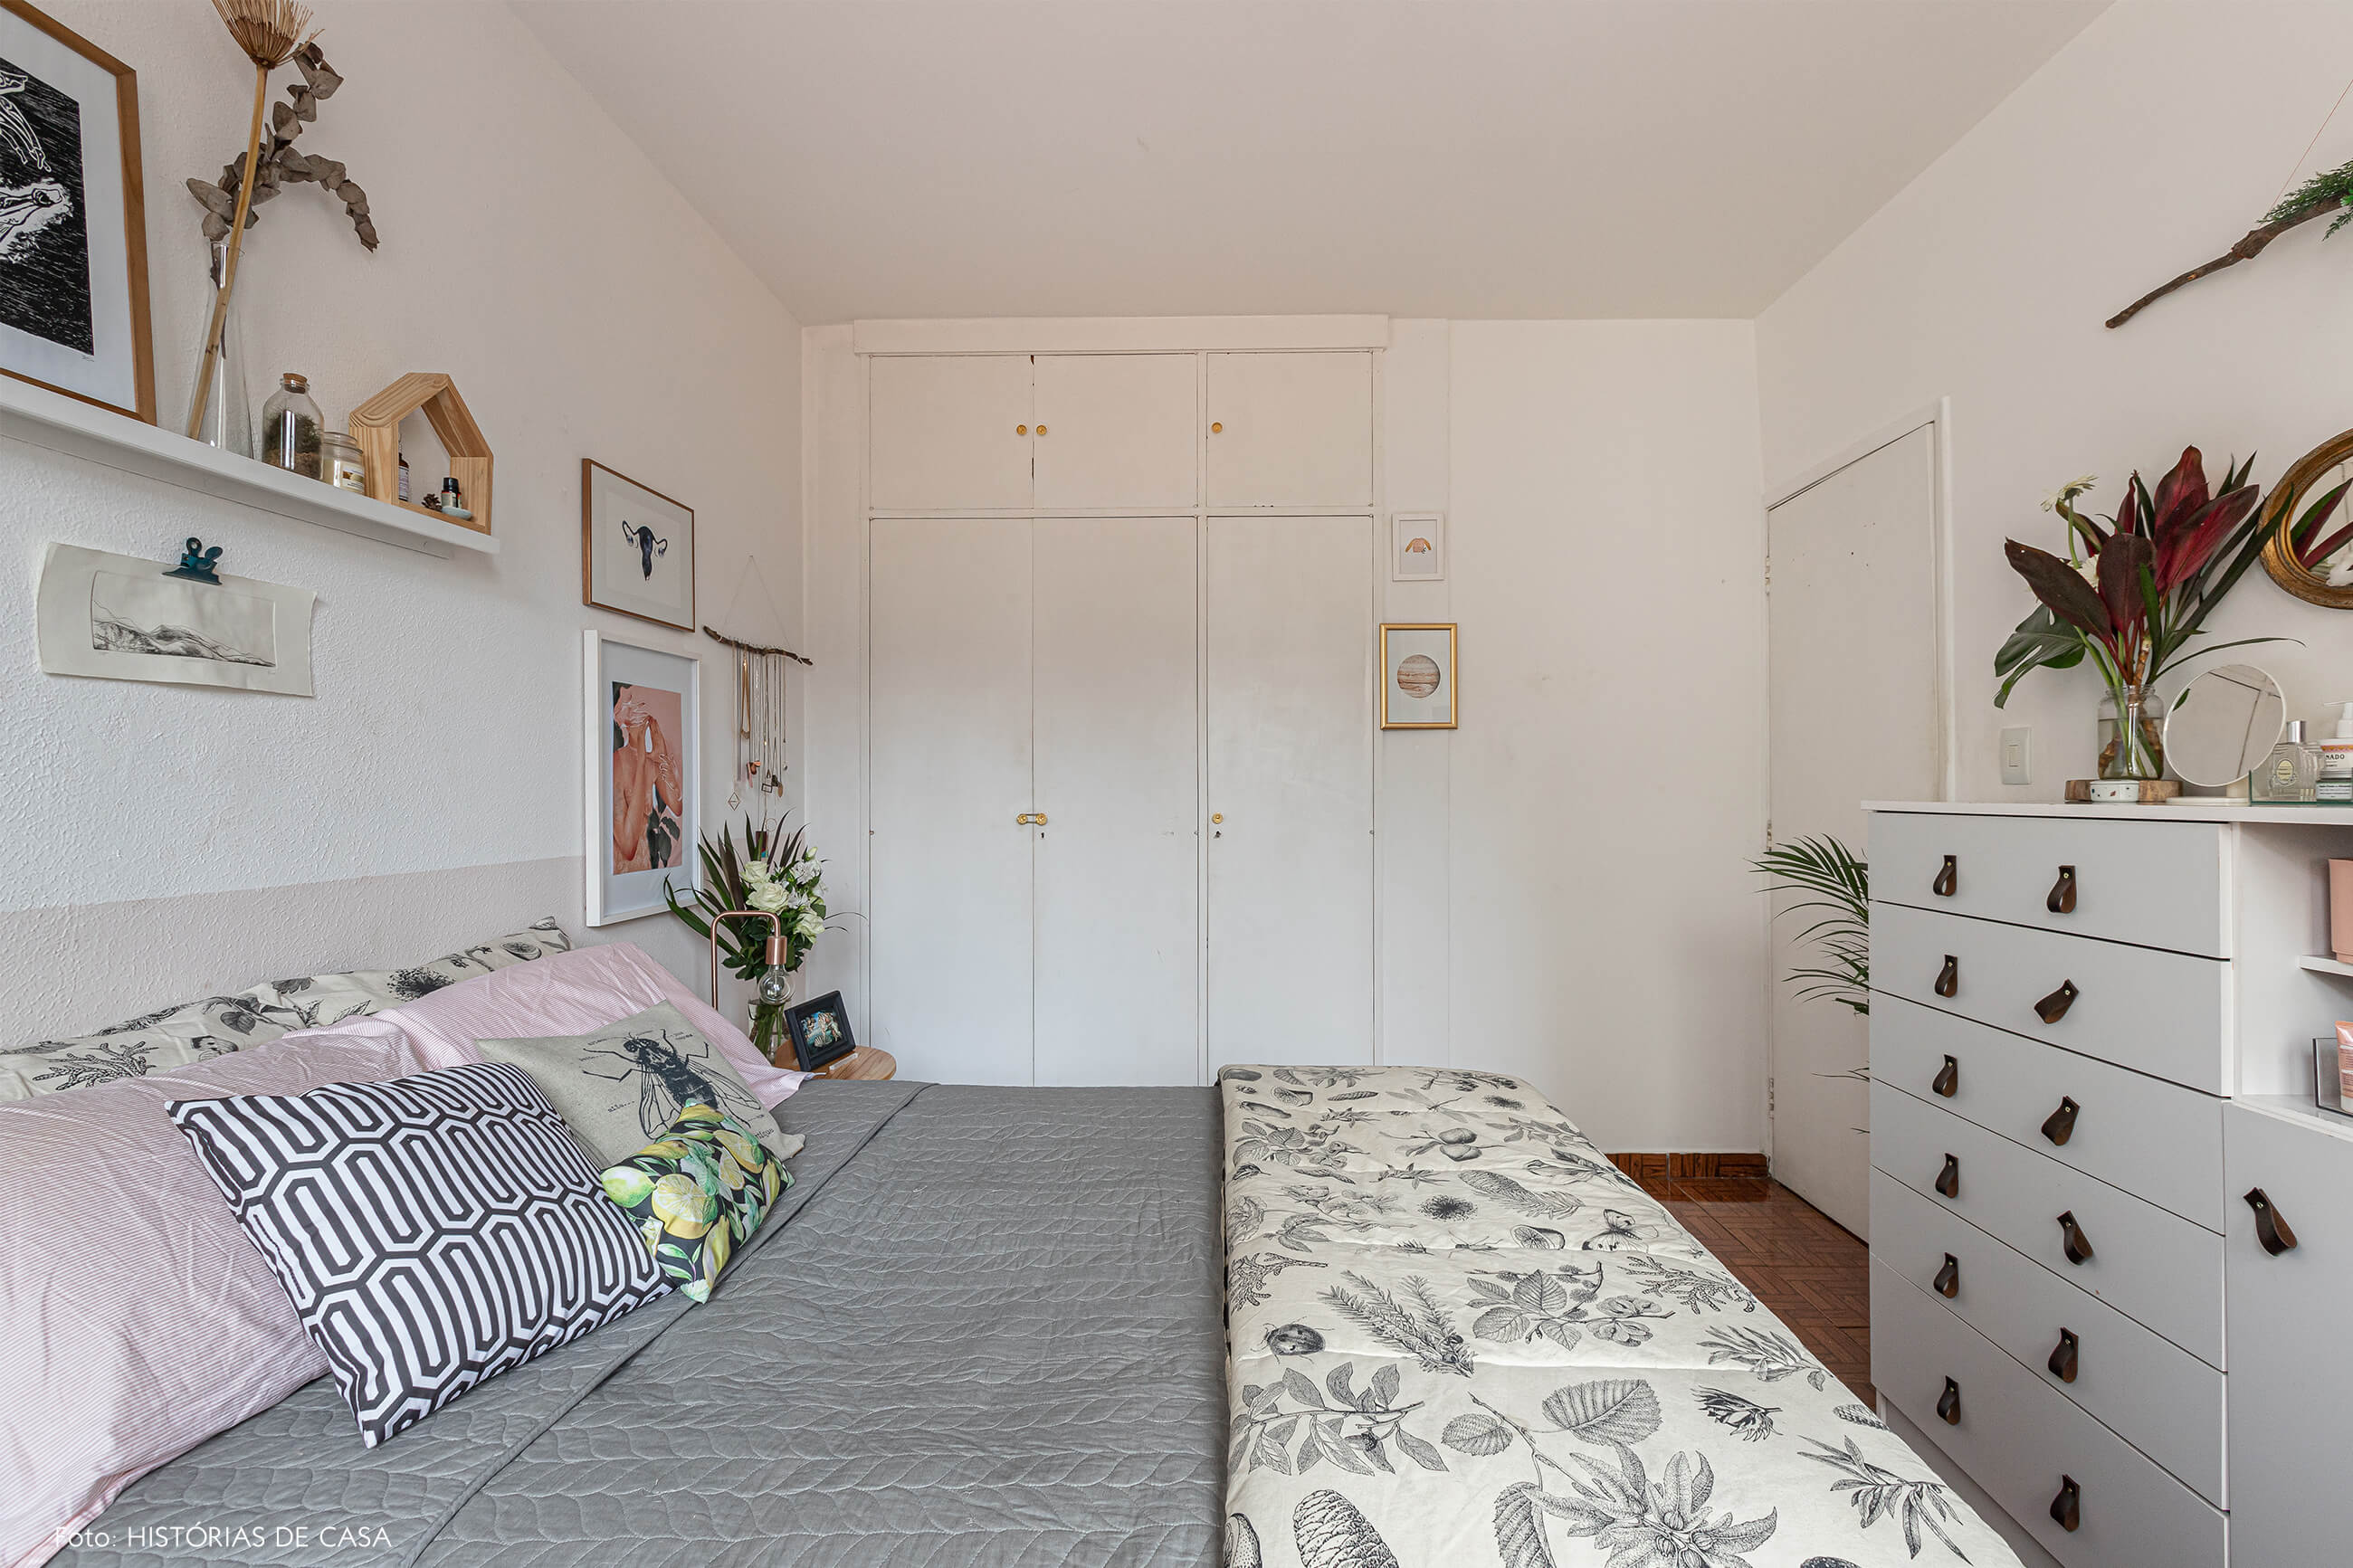 decoração-qaurto-branco-e-almofadas-estampadas